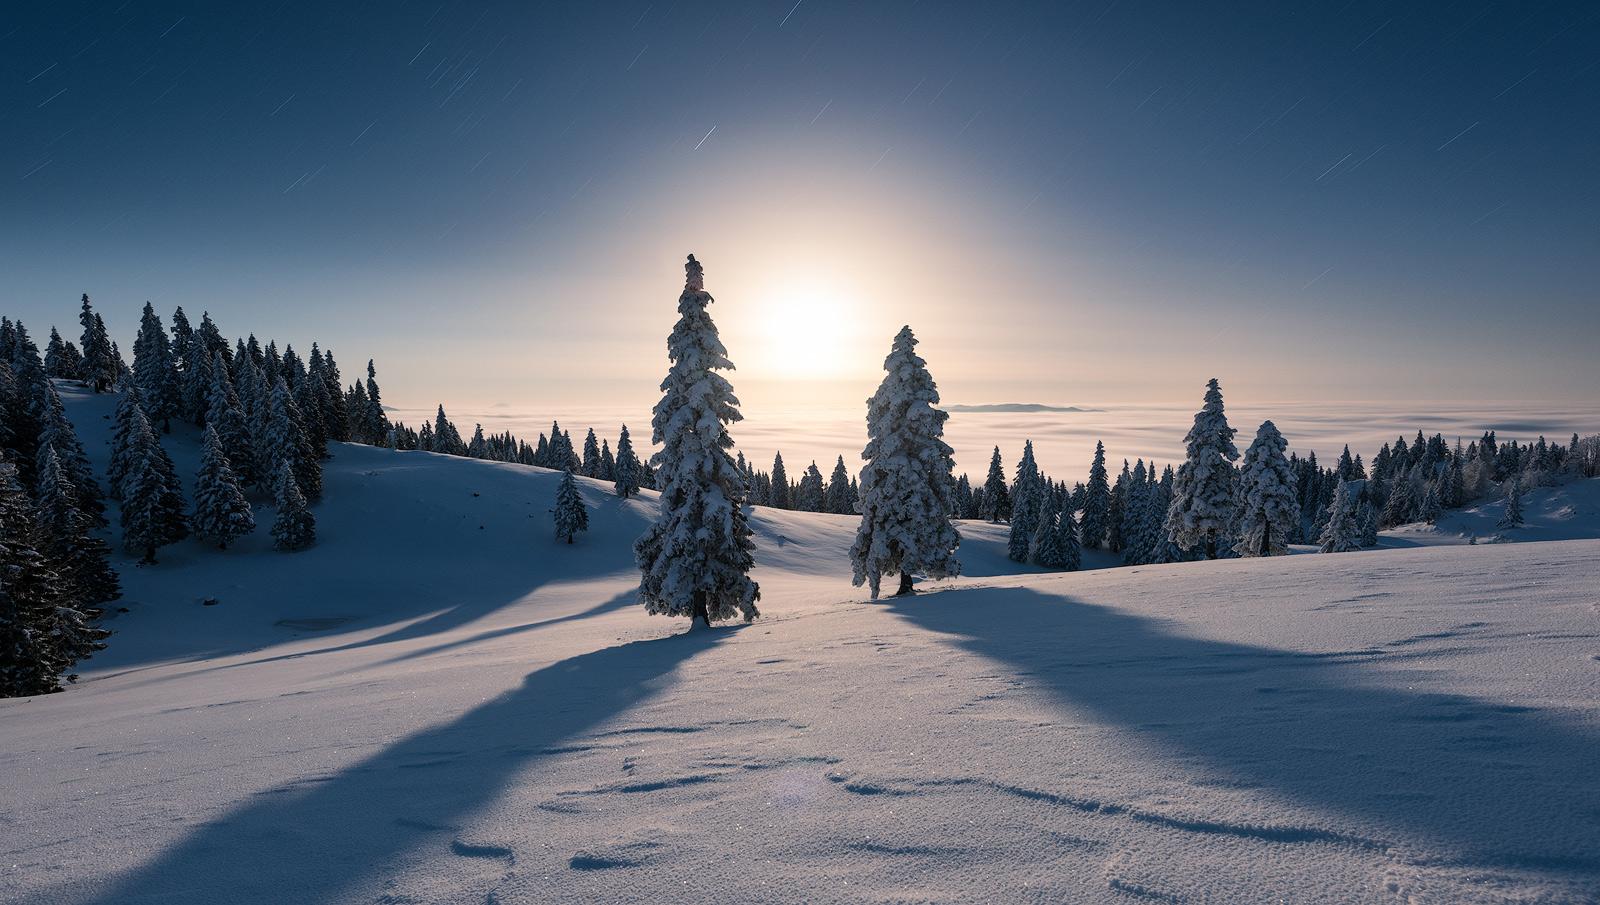 slovenia_winter_esenko_009.jpg